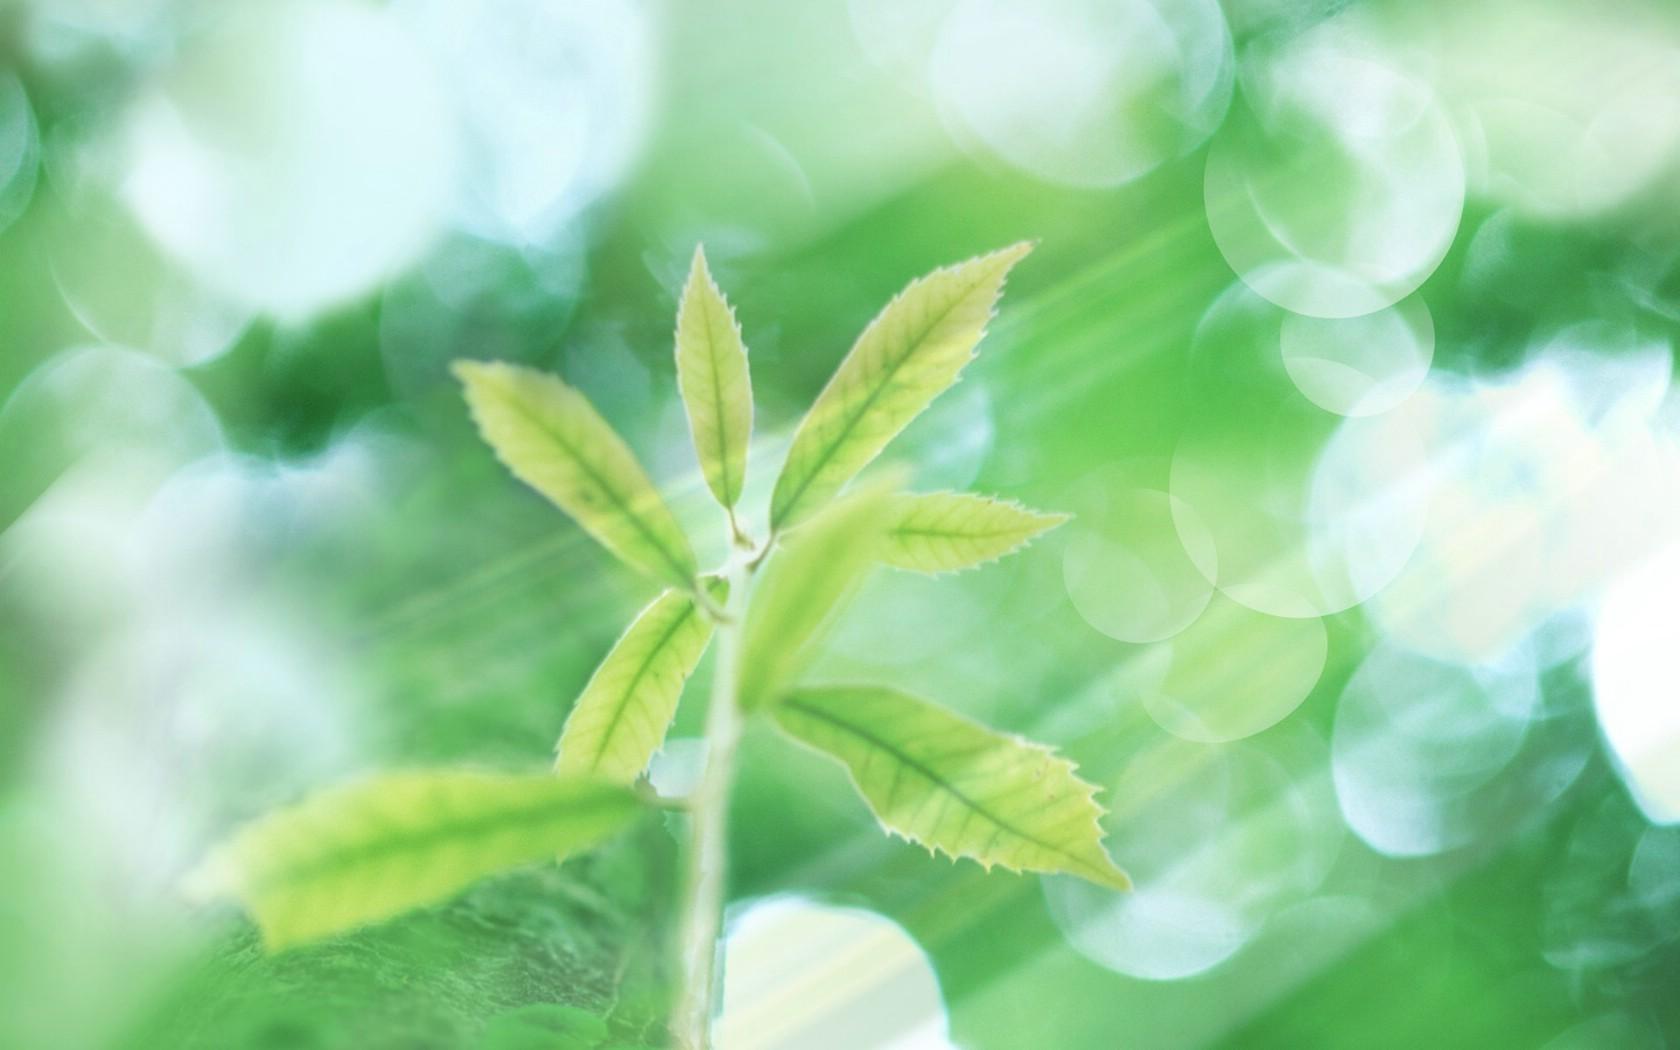 壁纸1680 1050清新夏日 水 空 绿叶壁纸 梦幻夏日图片